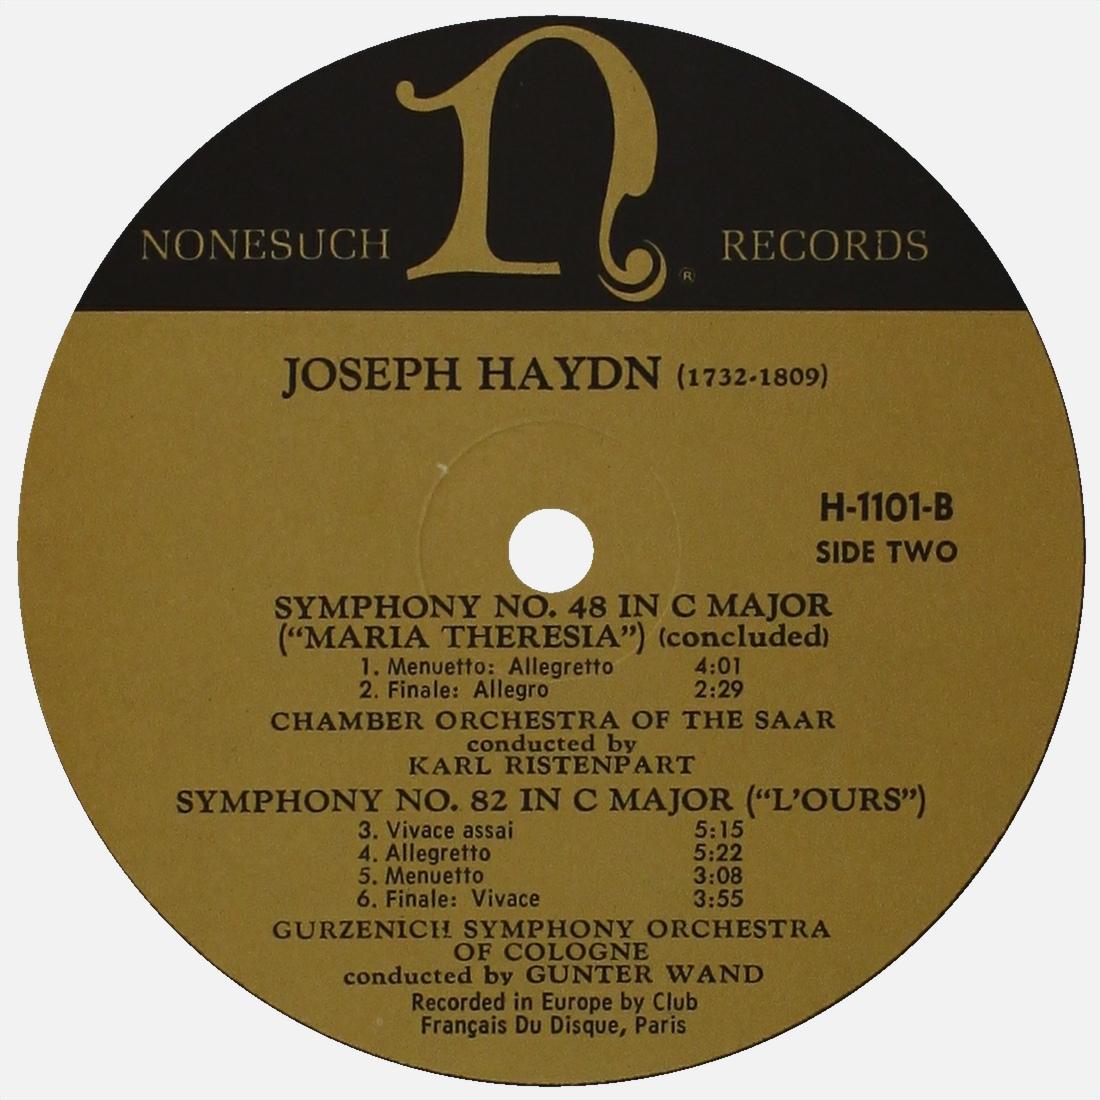 Étiquette versoo du disque Nonesuch H-1101